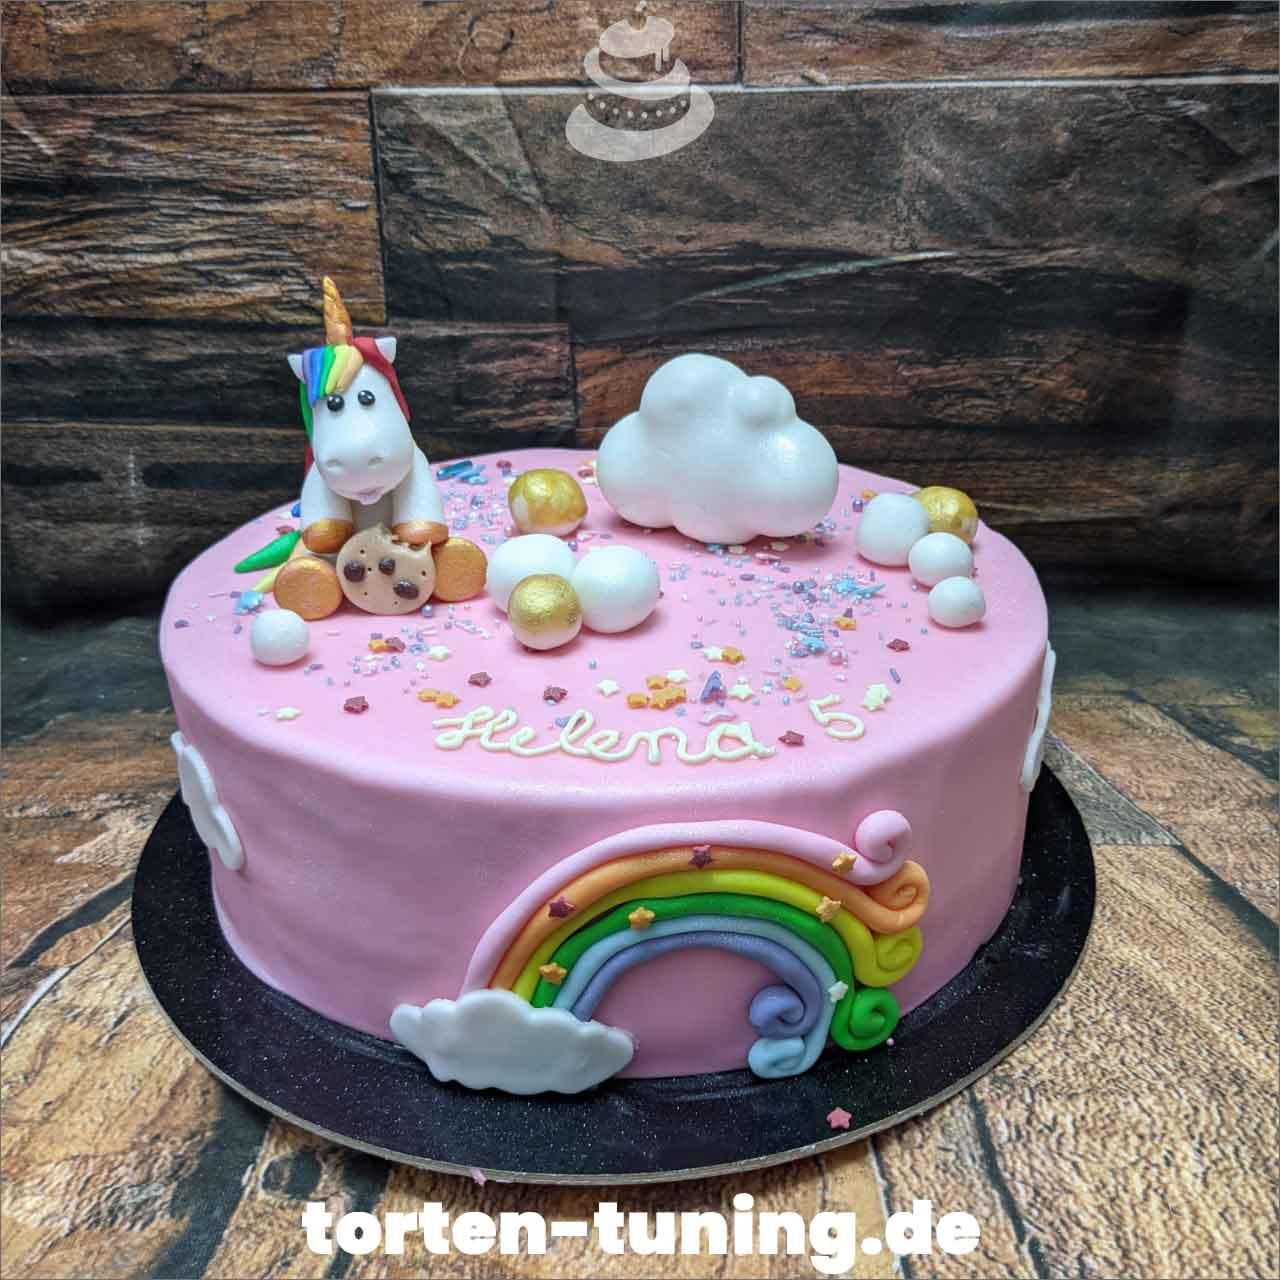 Einhorn Regenbogen Dripcake Obsttorte Geburtstagstorte Motivtorte Torte Tortendekoration Torte online bestellen Suhl Thüringen Torten Tuning Sahnetorte Tortenfiguren Cake Topper